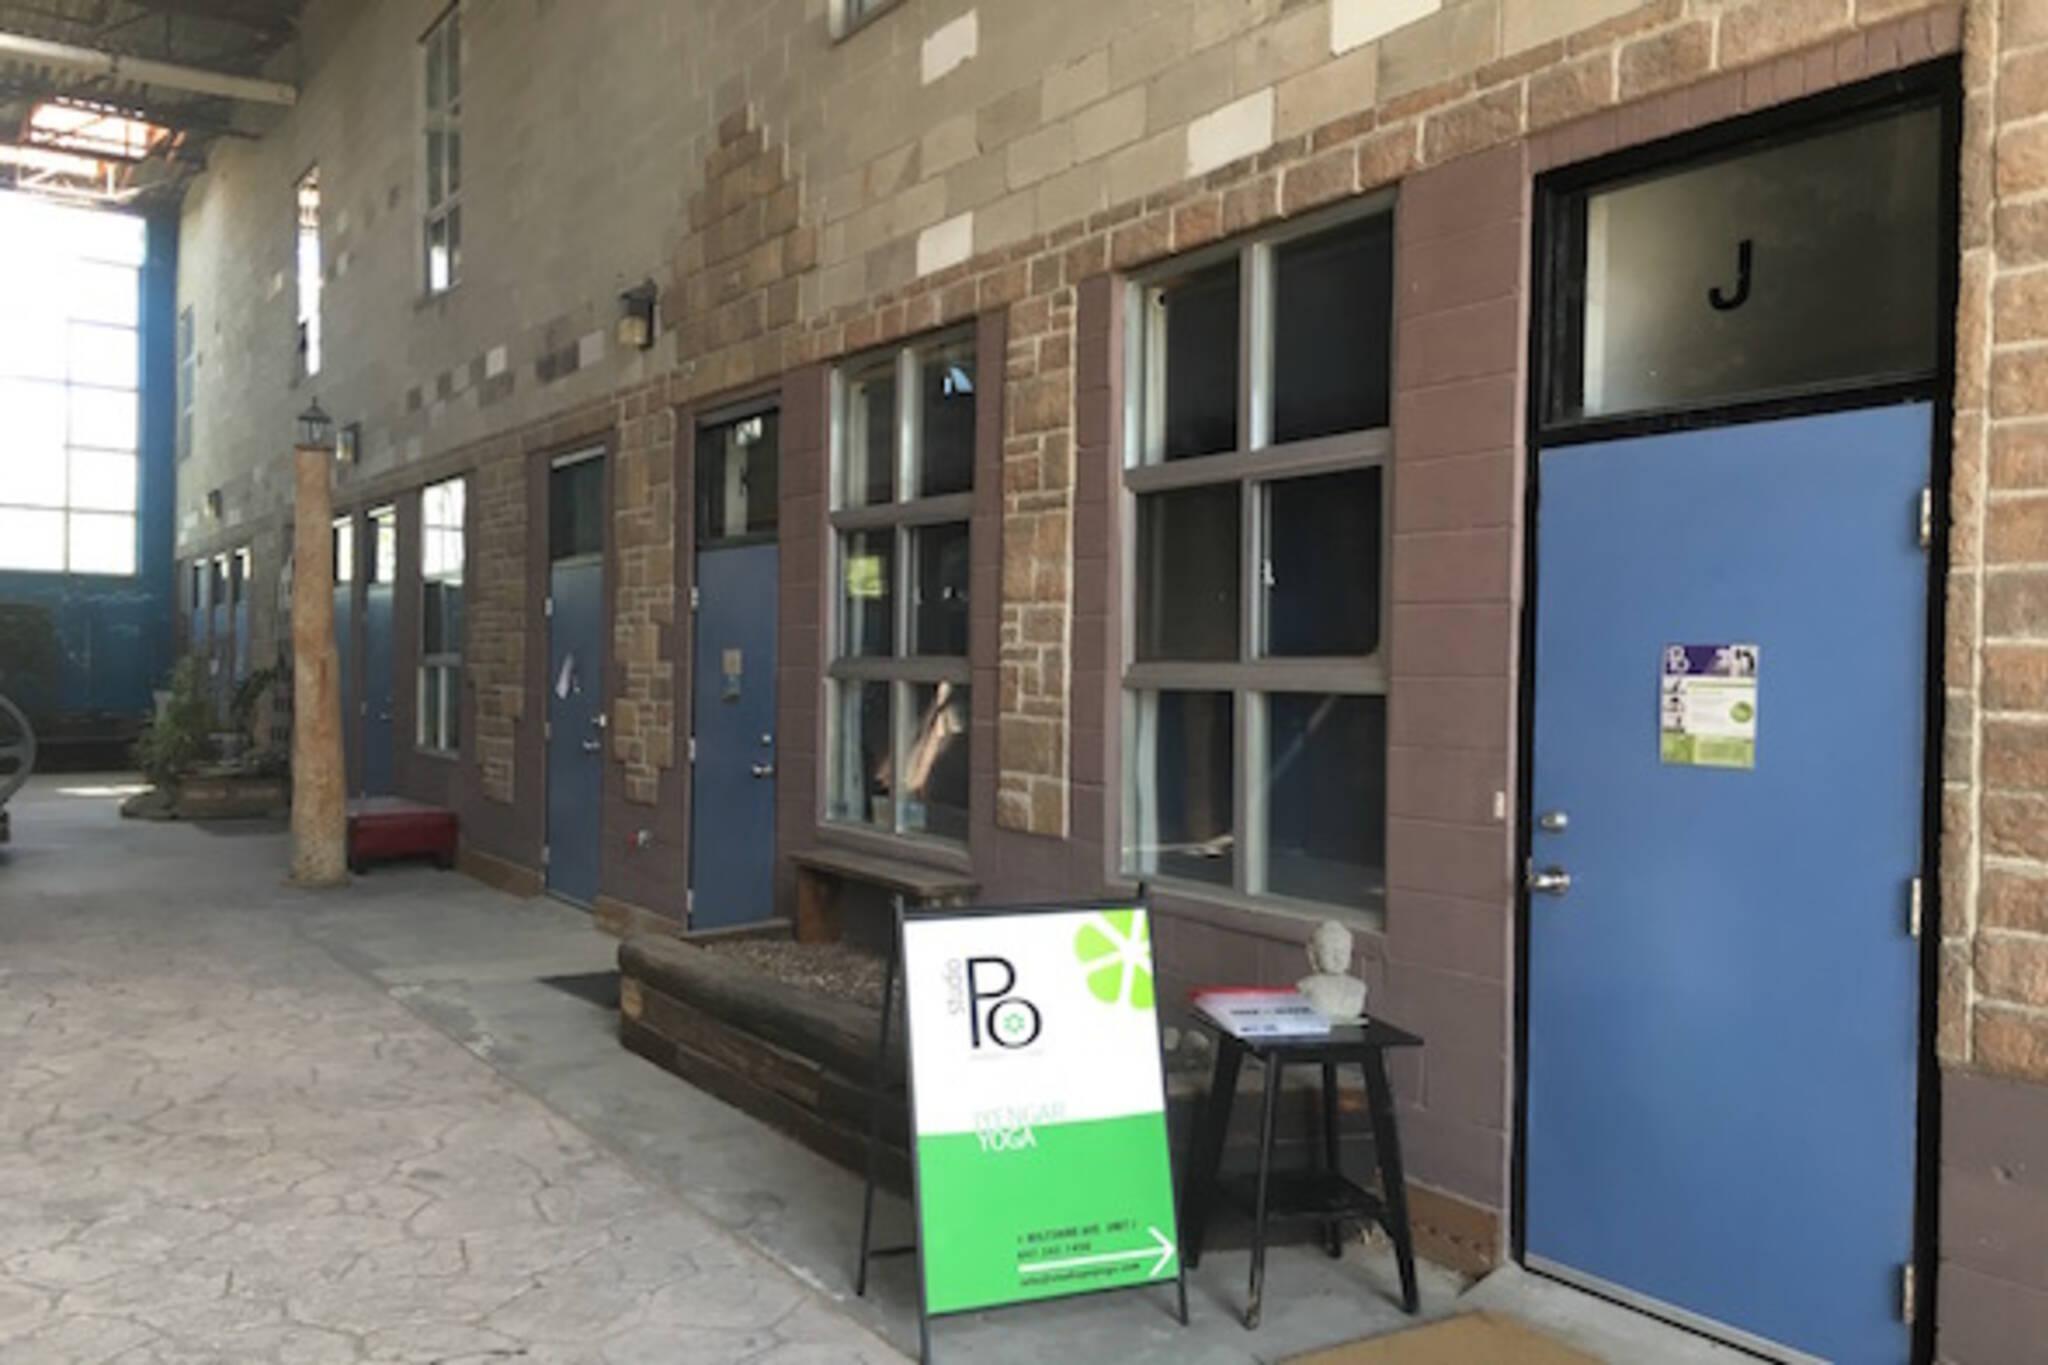 Studio Po Toronto